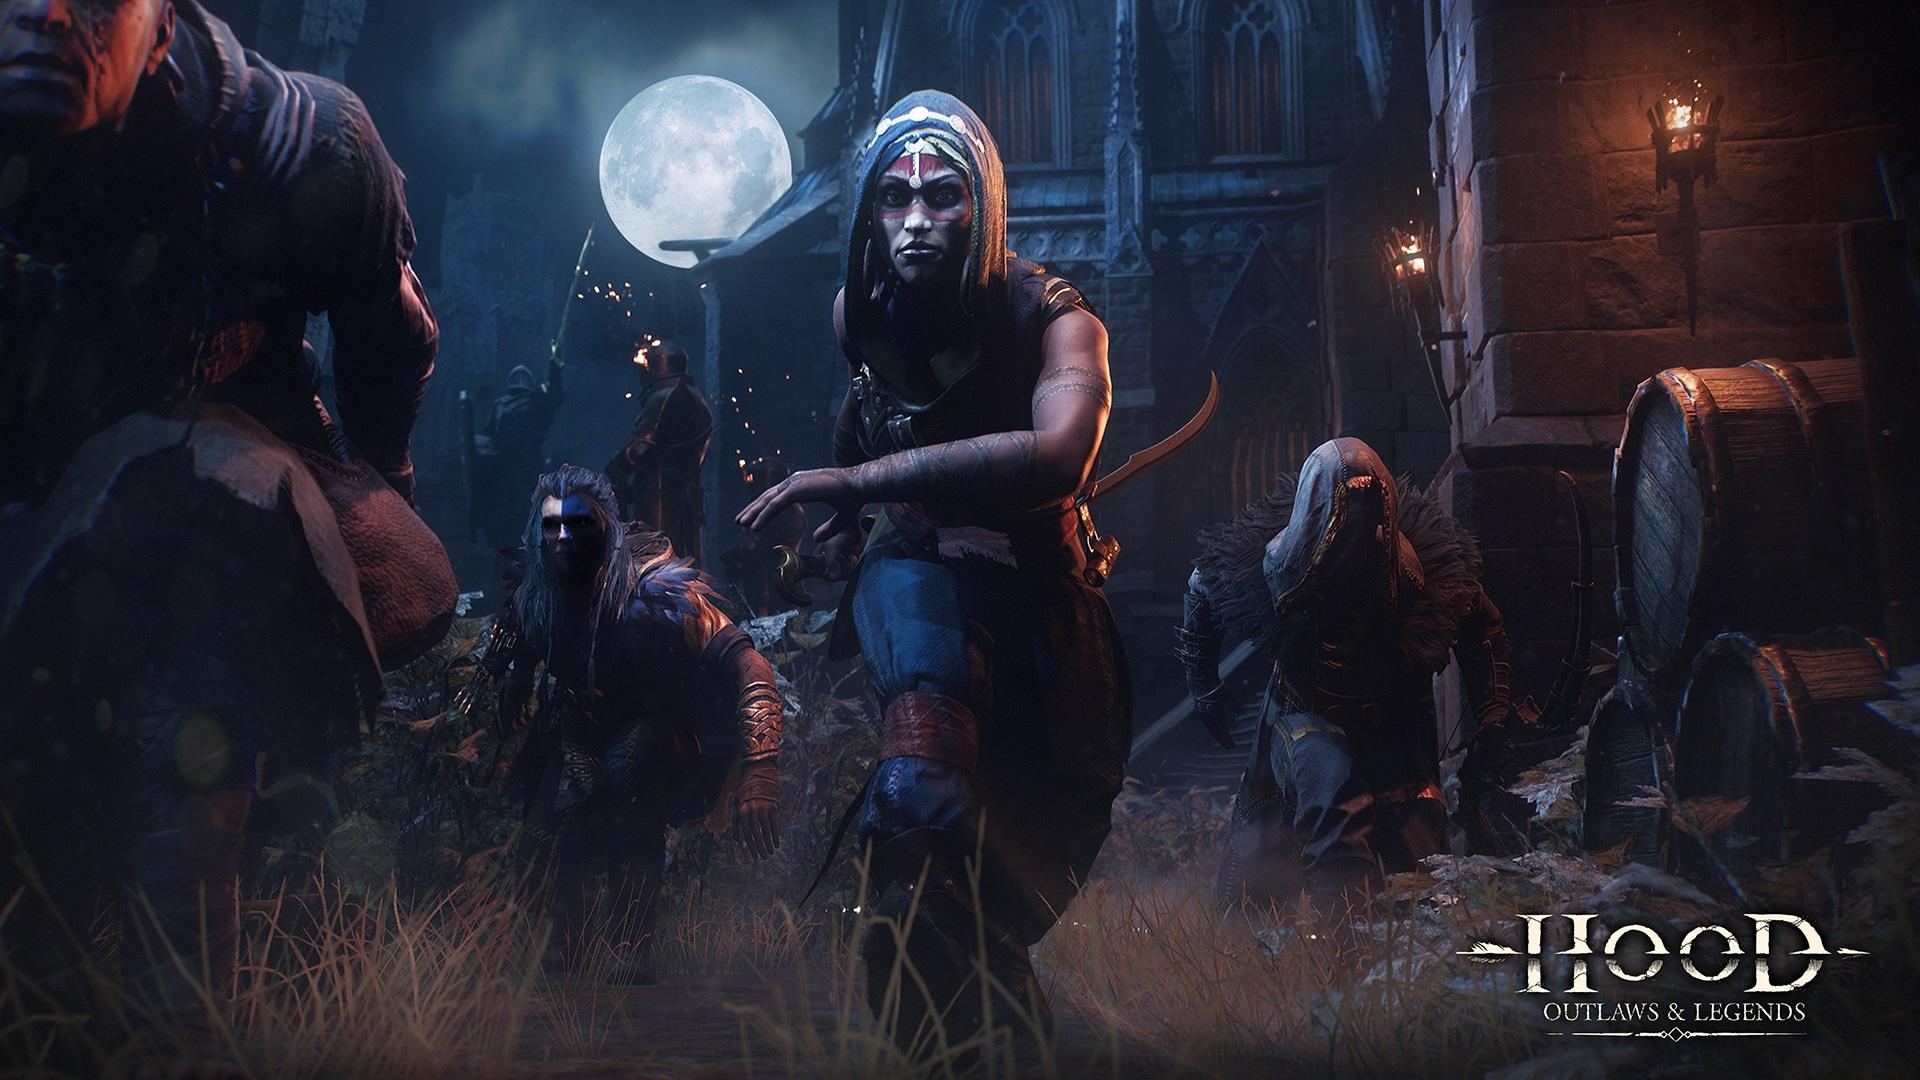 Hood Outlaws & Legends Update 1.09